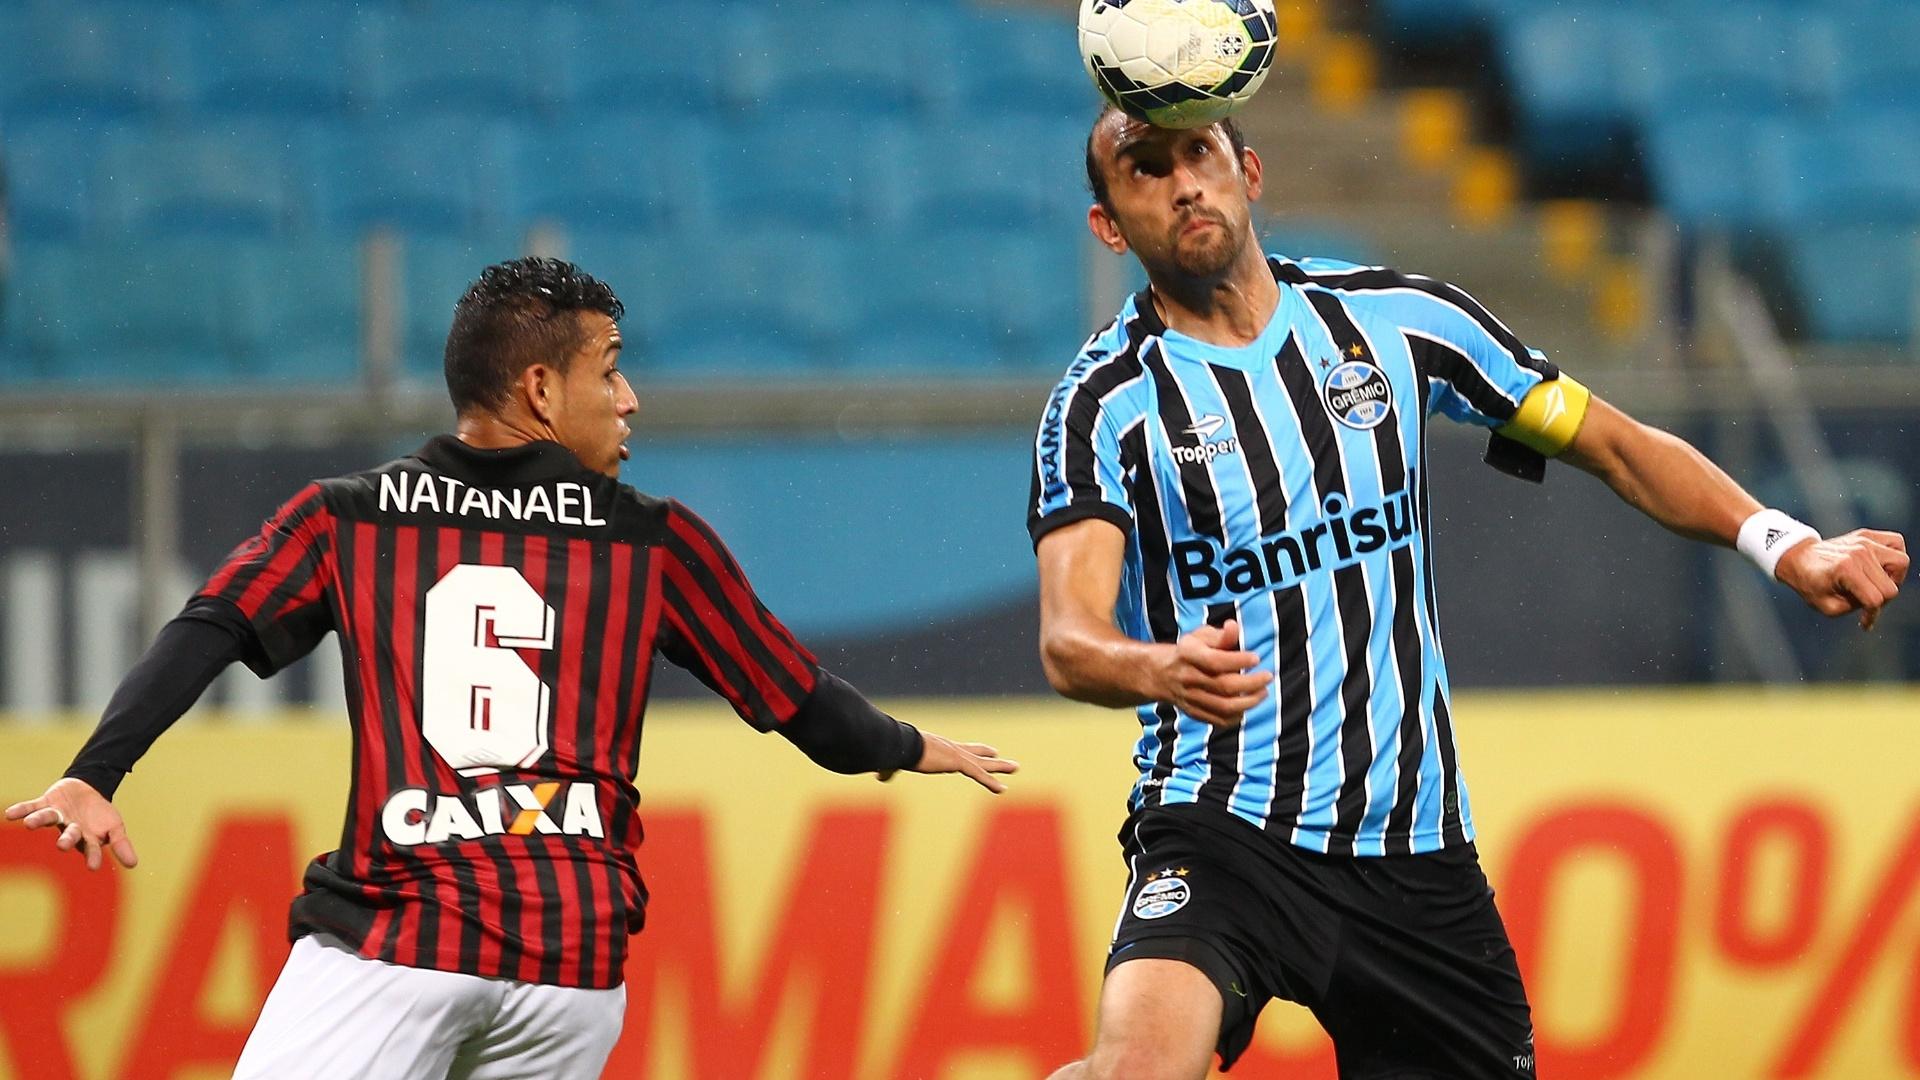 Barcos domina a bola na partida entre Grêmio e Atlético-PR